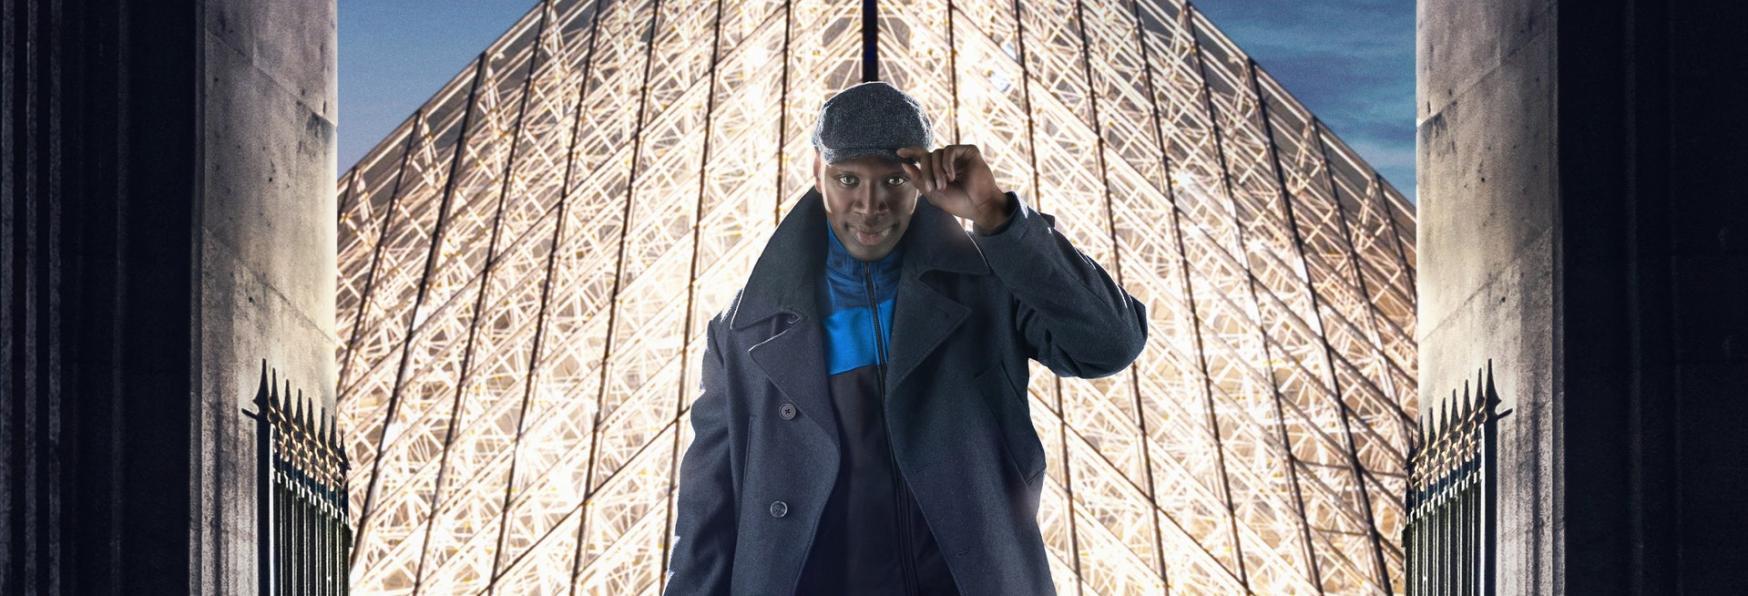 Lupin è la prima Serie TV Francese a comparire nella Top Ten della Piattaforma di Streaming Netflix